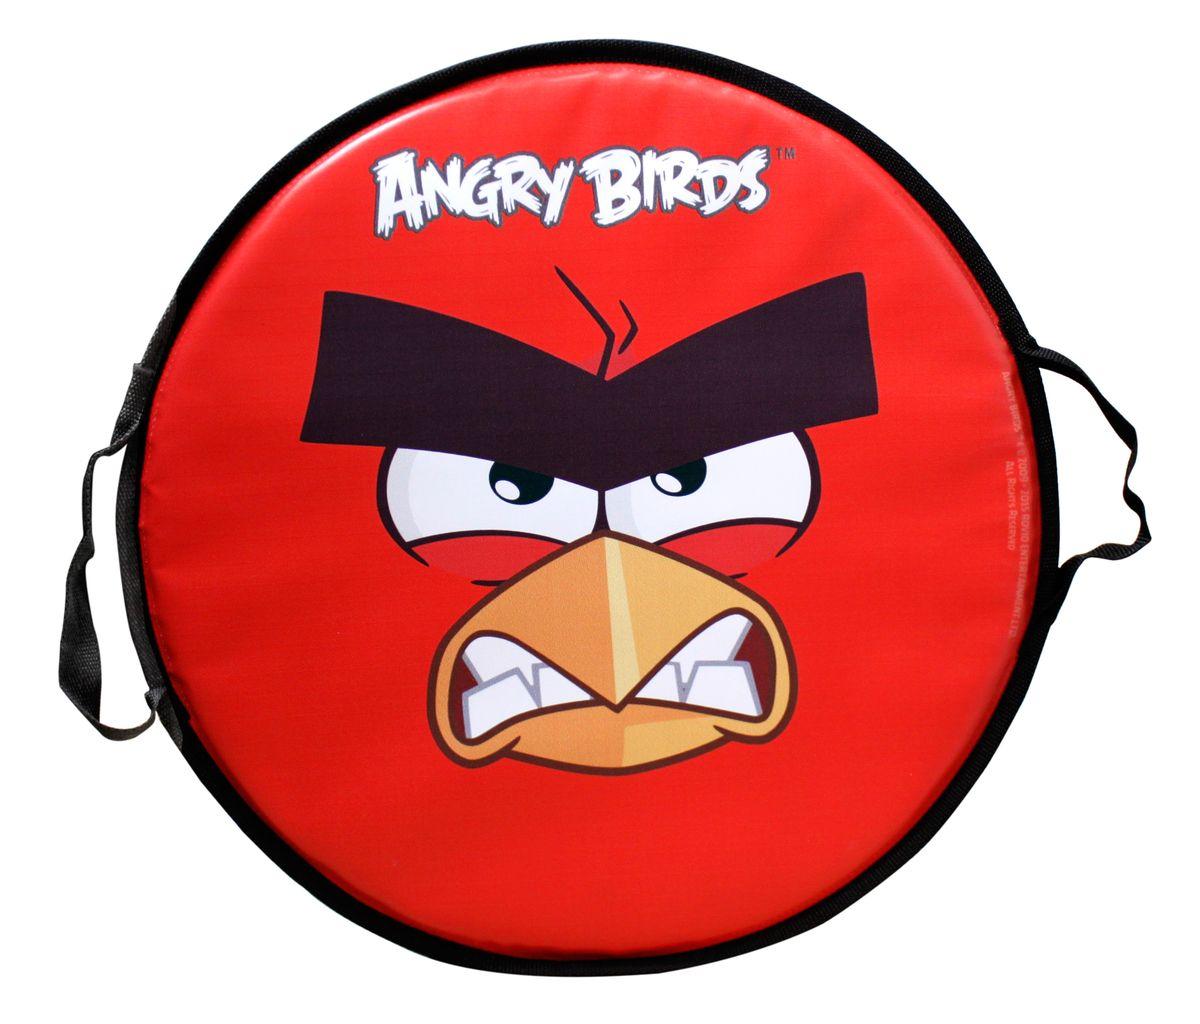 Angry Birds Ледянка круглая Angry Birds 52 см Т58162Т58162Ледянка Angry Birds станет прекрасным подарком для поклонников известной игры. Изделие предназначено катания с горок и идеально подойдет как для мальчиков, так и для девочек. Ледянка развивает на спуске хорошую скорость. Плотные ручки, расположенные по краям изделия помогут не упасть.